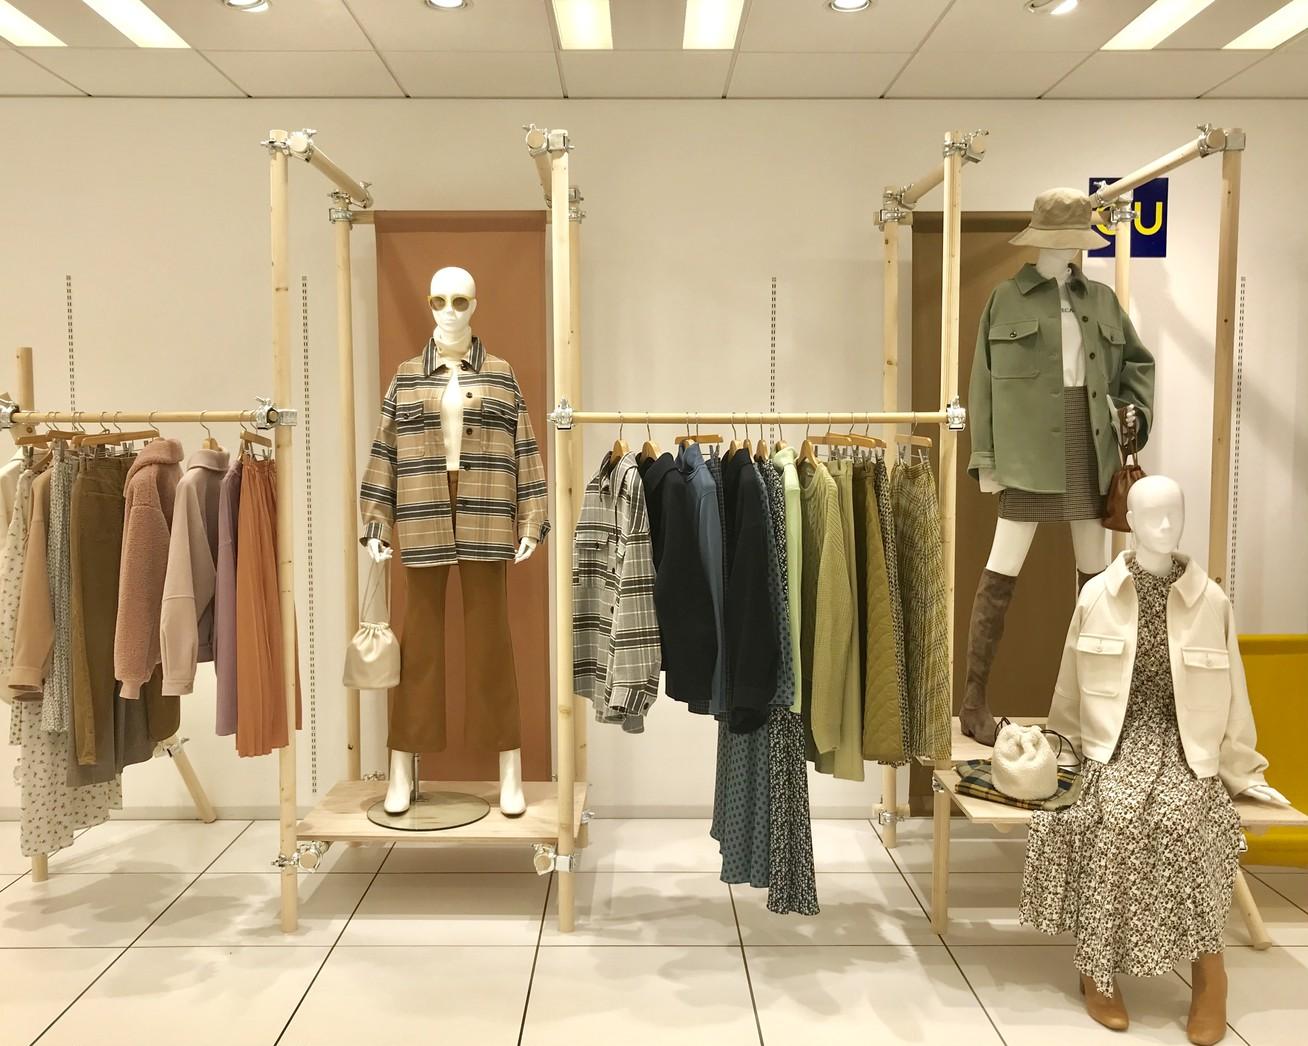 2019秋→冬は中間ライトアウターを買え【GU(ジーユー)】のCPOジャケットで30代女子があか抜けるコーデのコツ_1